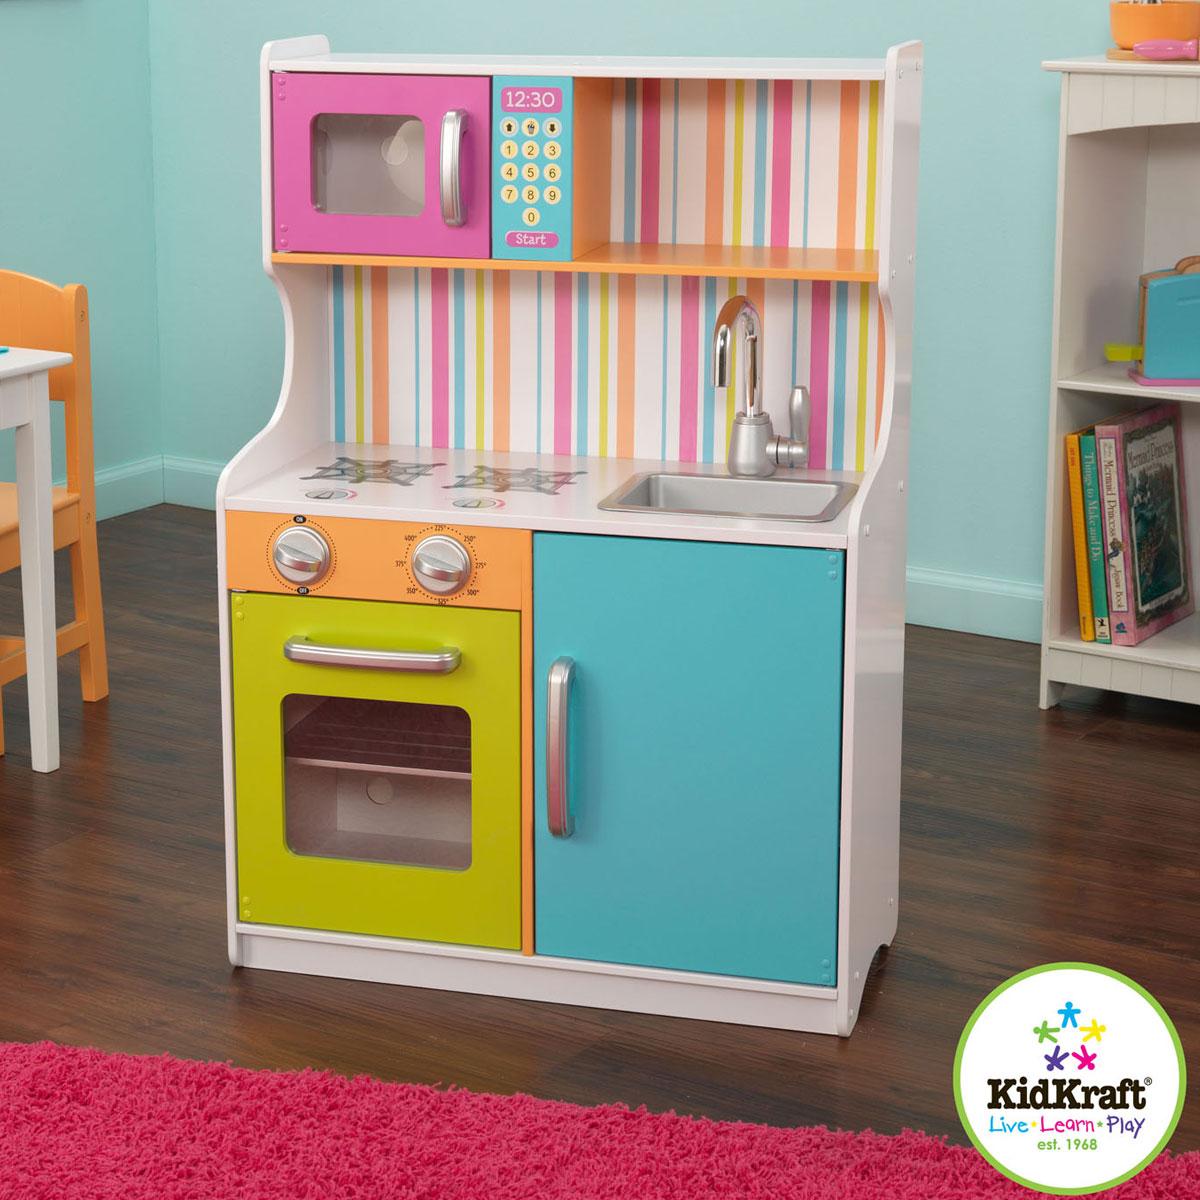 kidkraft cuisine aux couleurs vives 53294. Black Bedroom Furniture Sets. Home Design Ideas